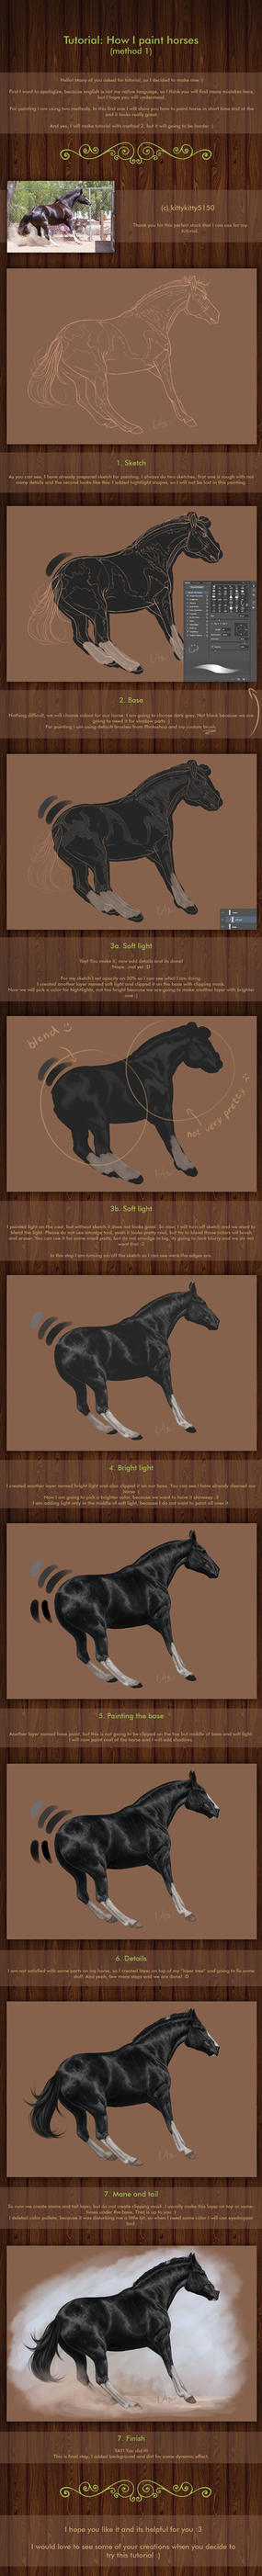 Tutorial: How I paint horses - method 1 by Naia-Art